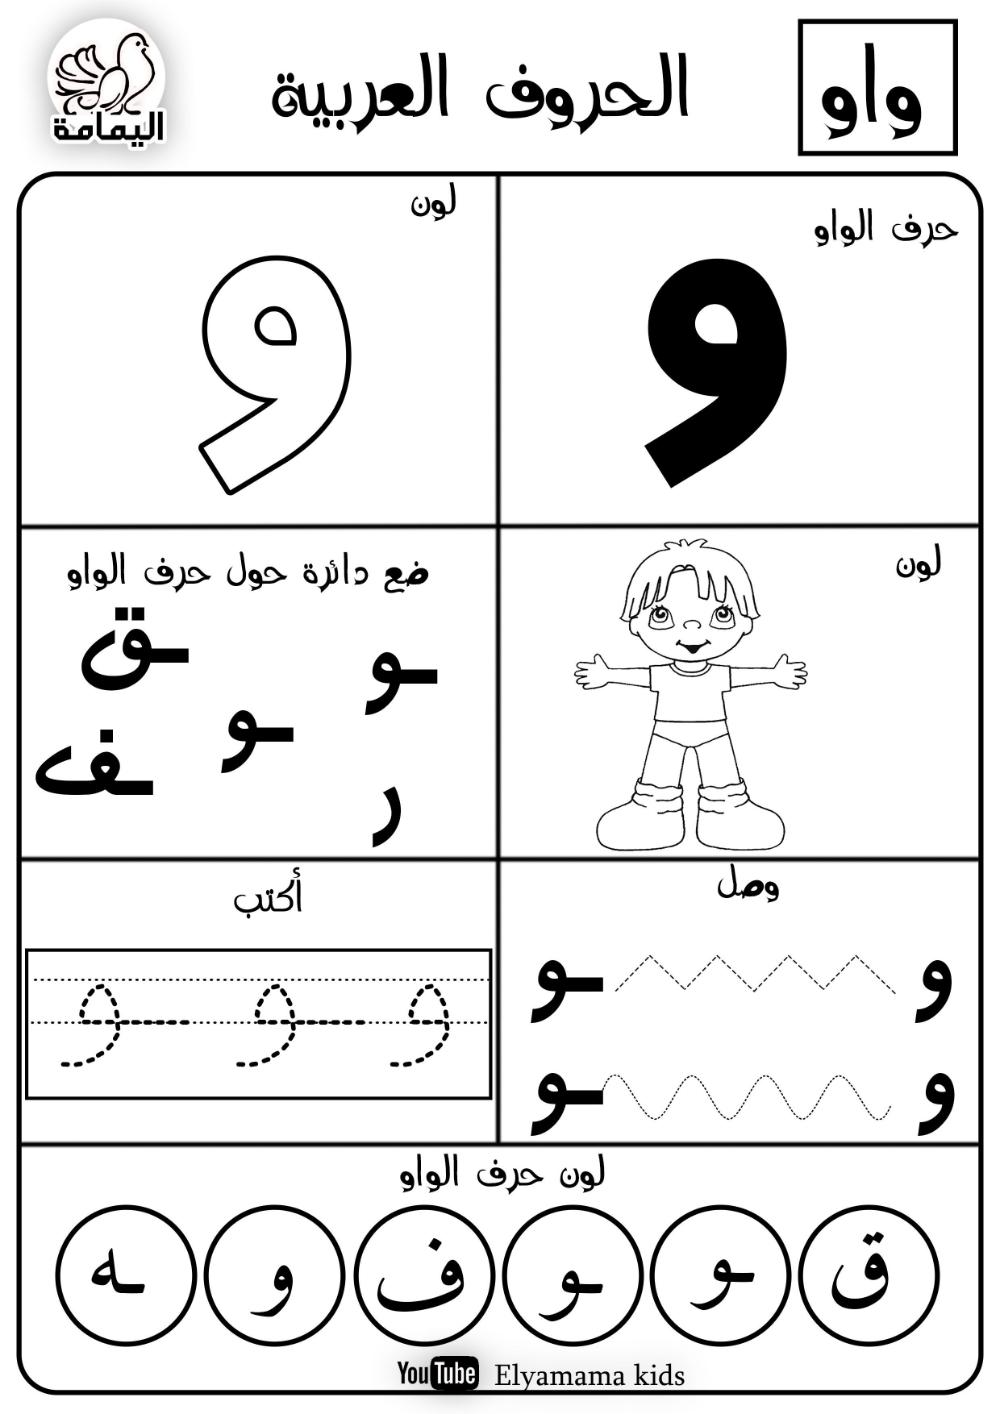 كلمات فيها حرف الواو Recherche Google Learn Arabic Alphabet Arabic Alphabet For Kids Arabic Alphabet